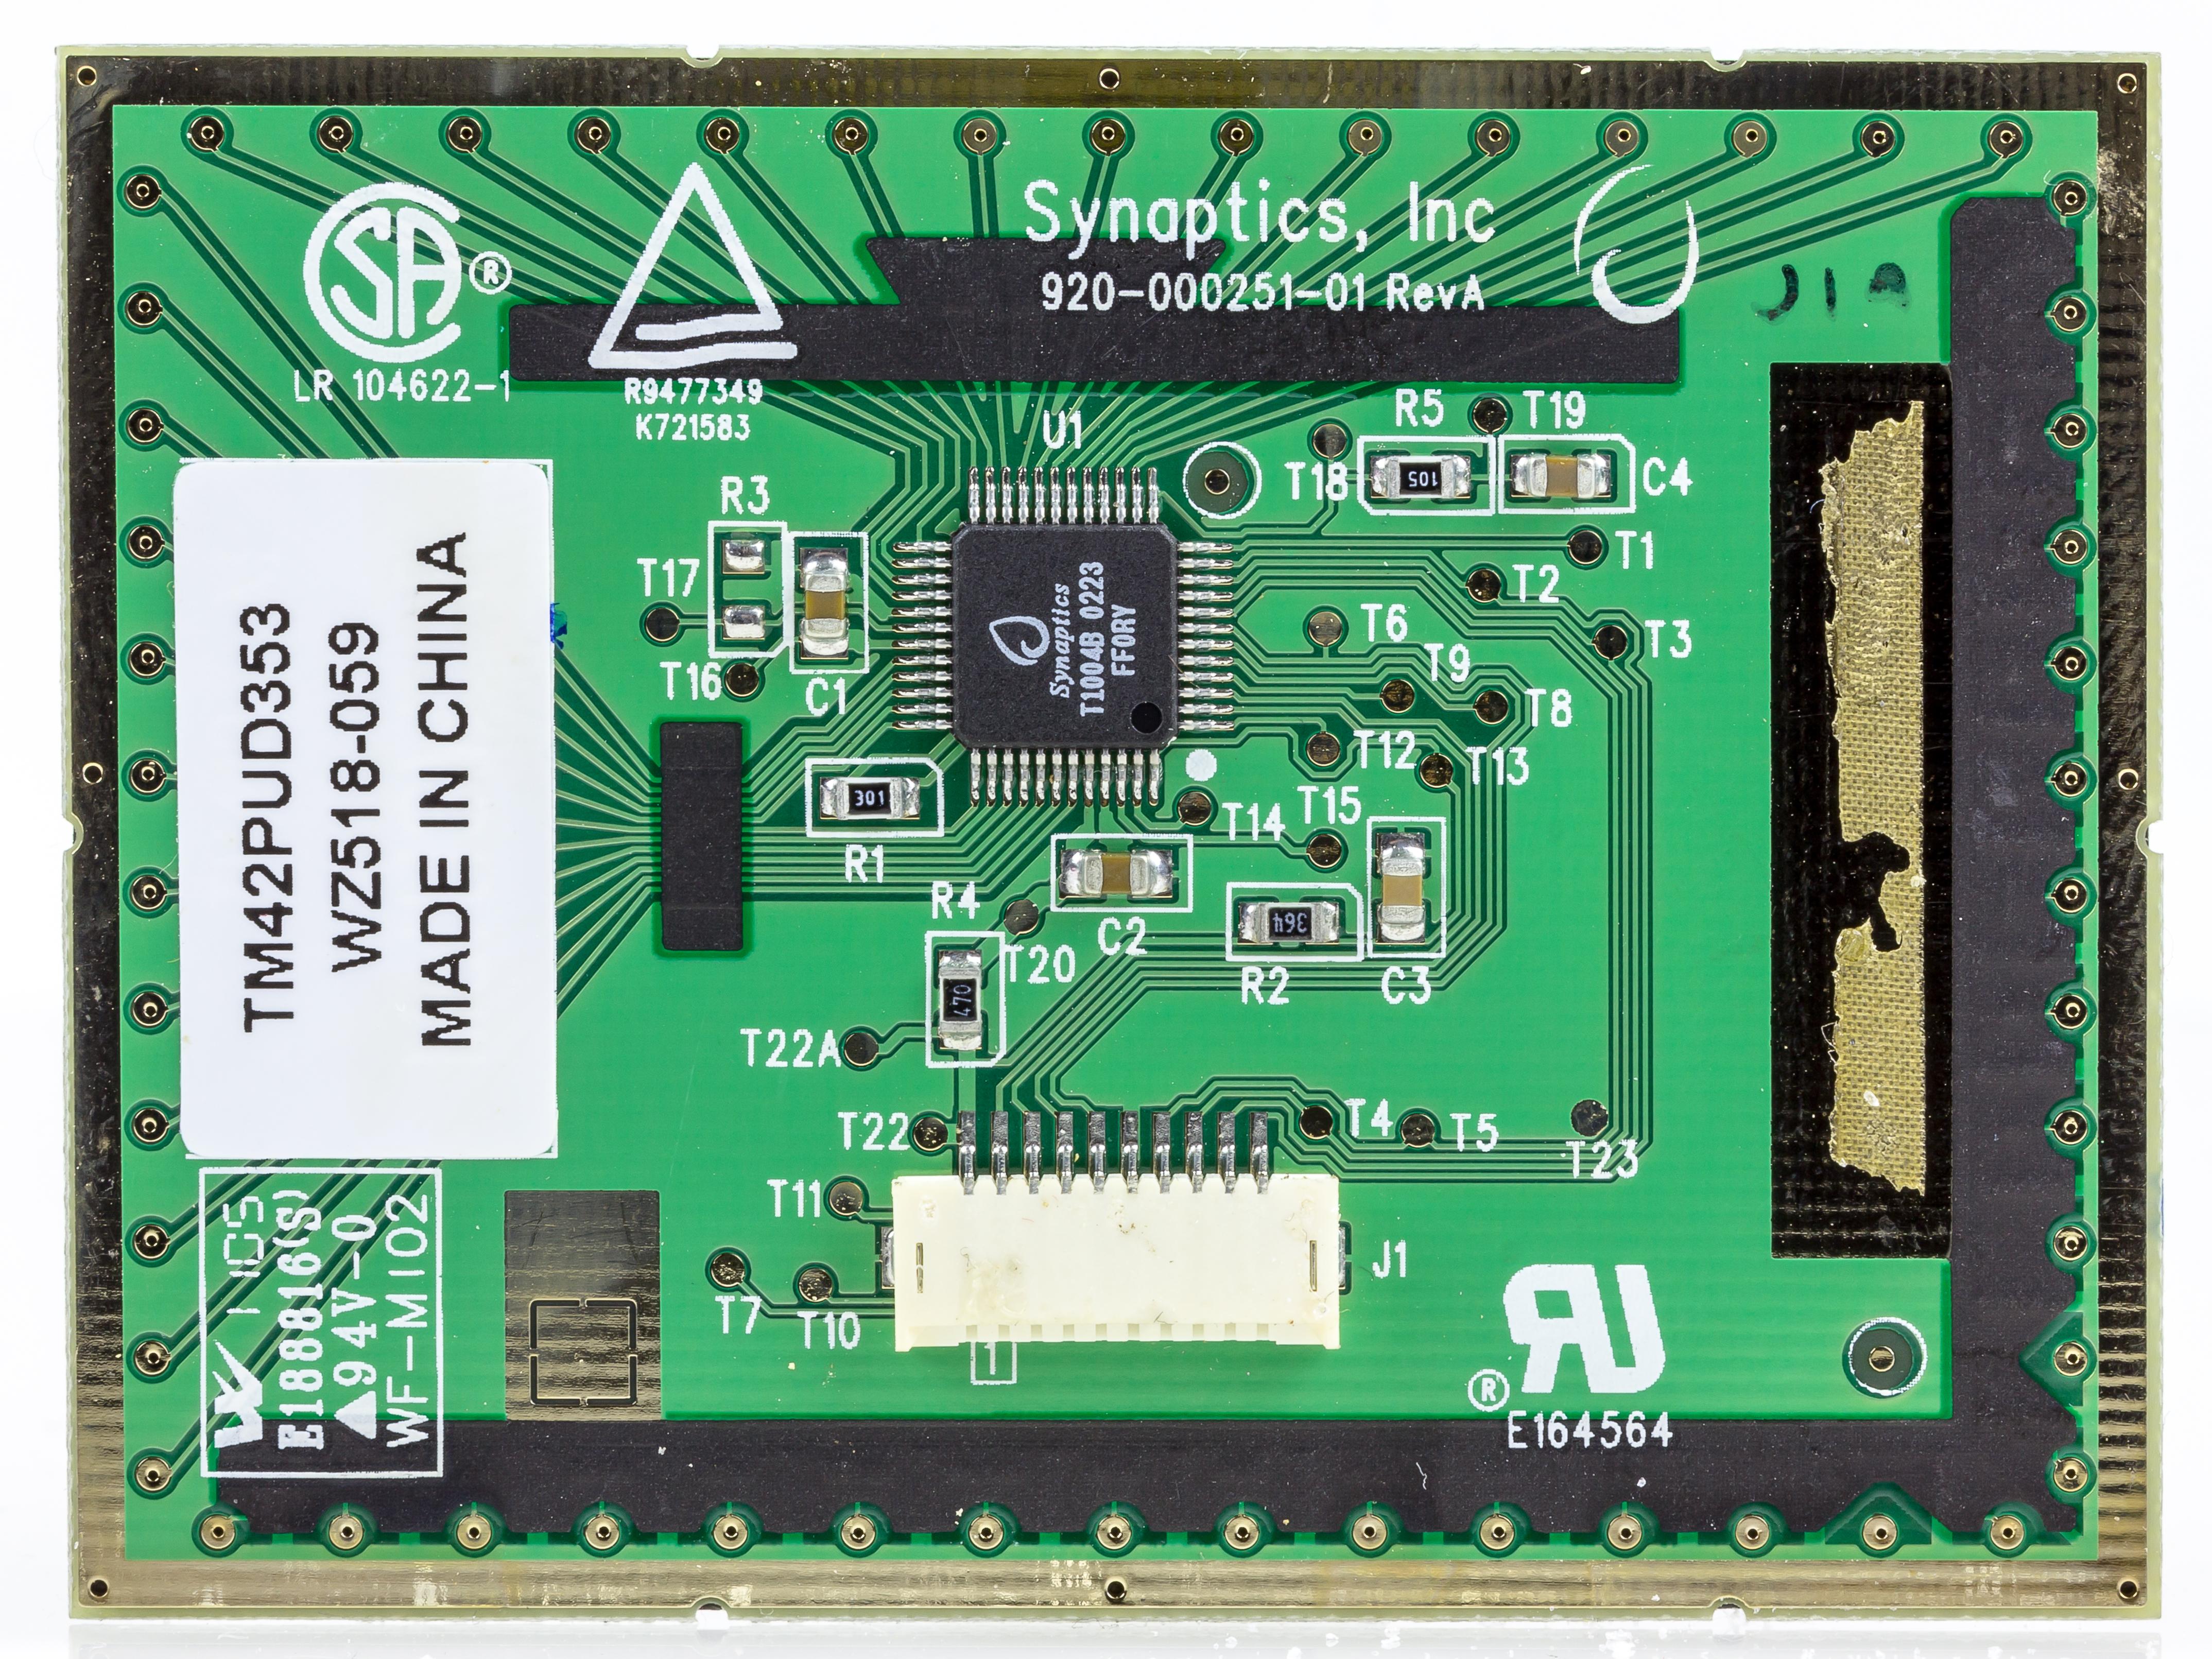 File:Yakumo Notebook 536S - Synaptics touchpad 920-000251-01-5403